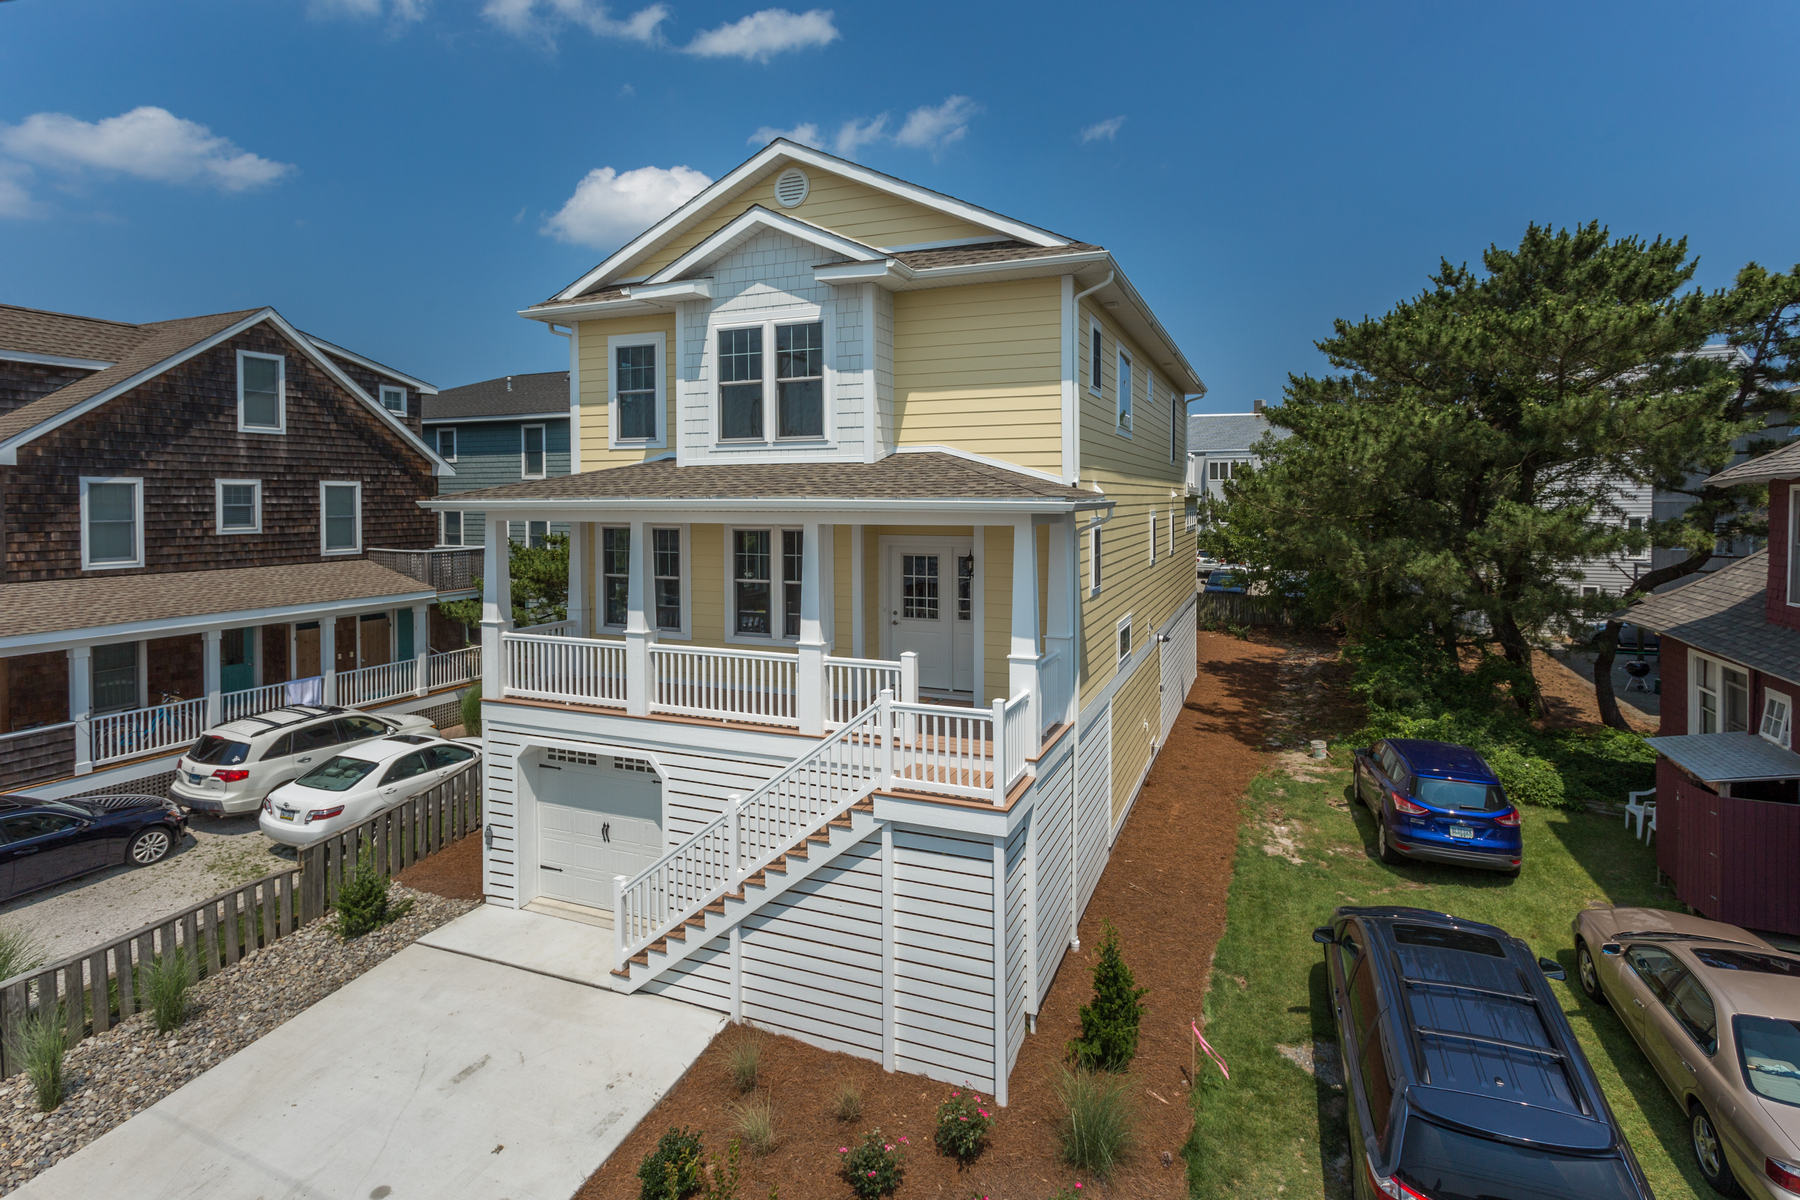 Maison unifamiliale pour l Vente à 26 Atlantic Avenue, Bethany Beach, DE 19930 26 Atlantic Avenue Bethany Beach, Delaware, 19930 États-Unis